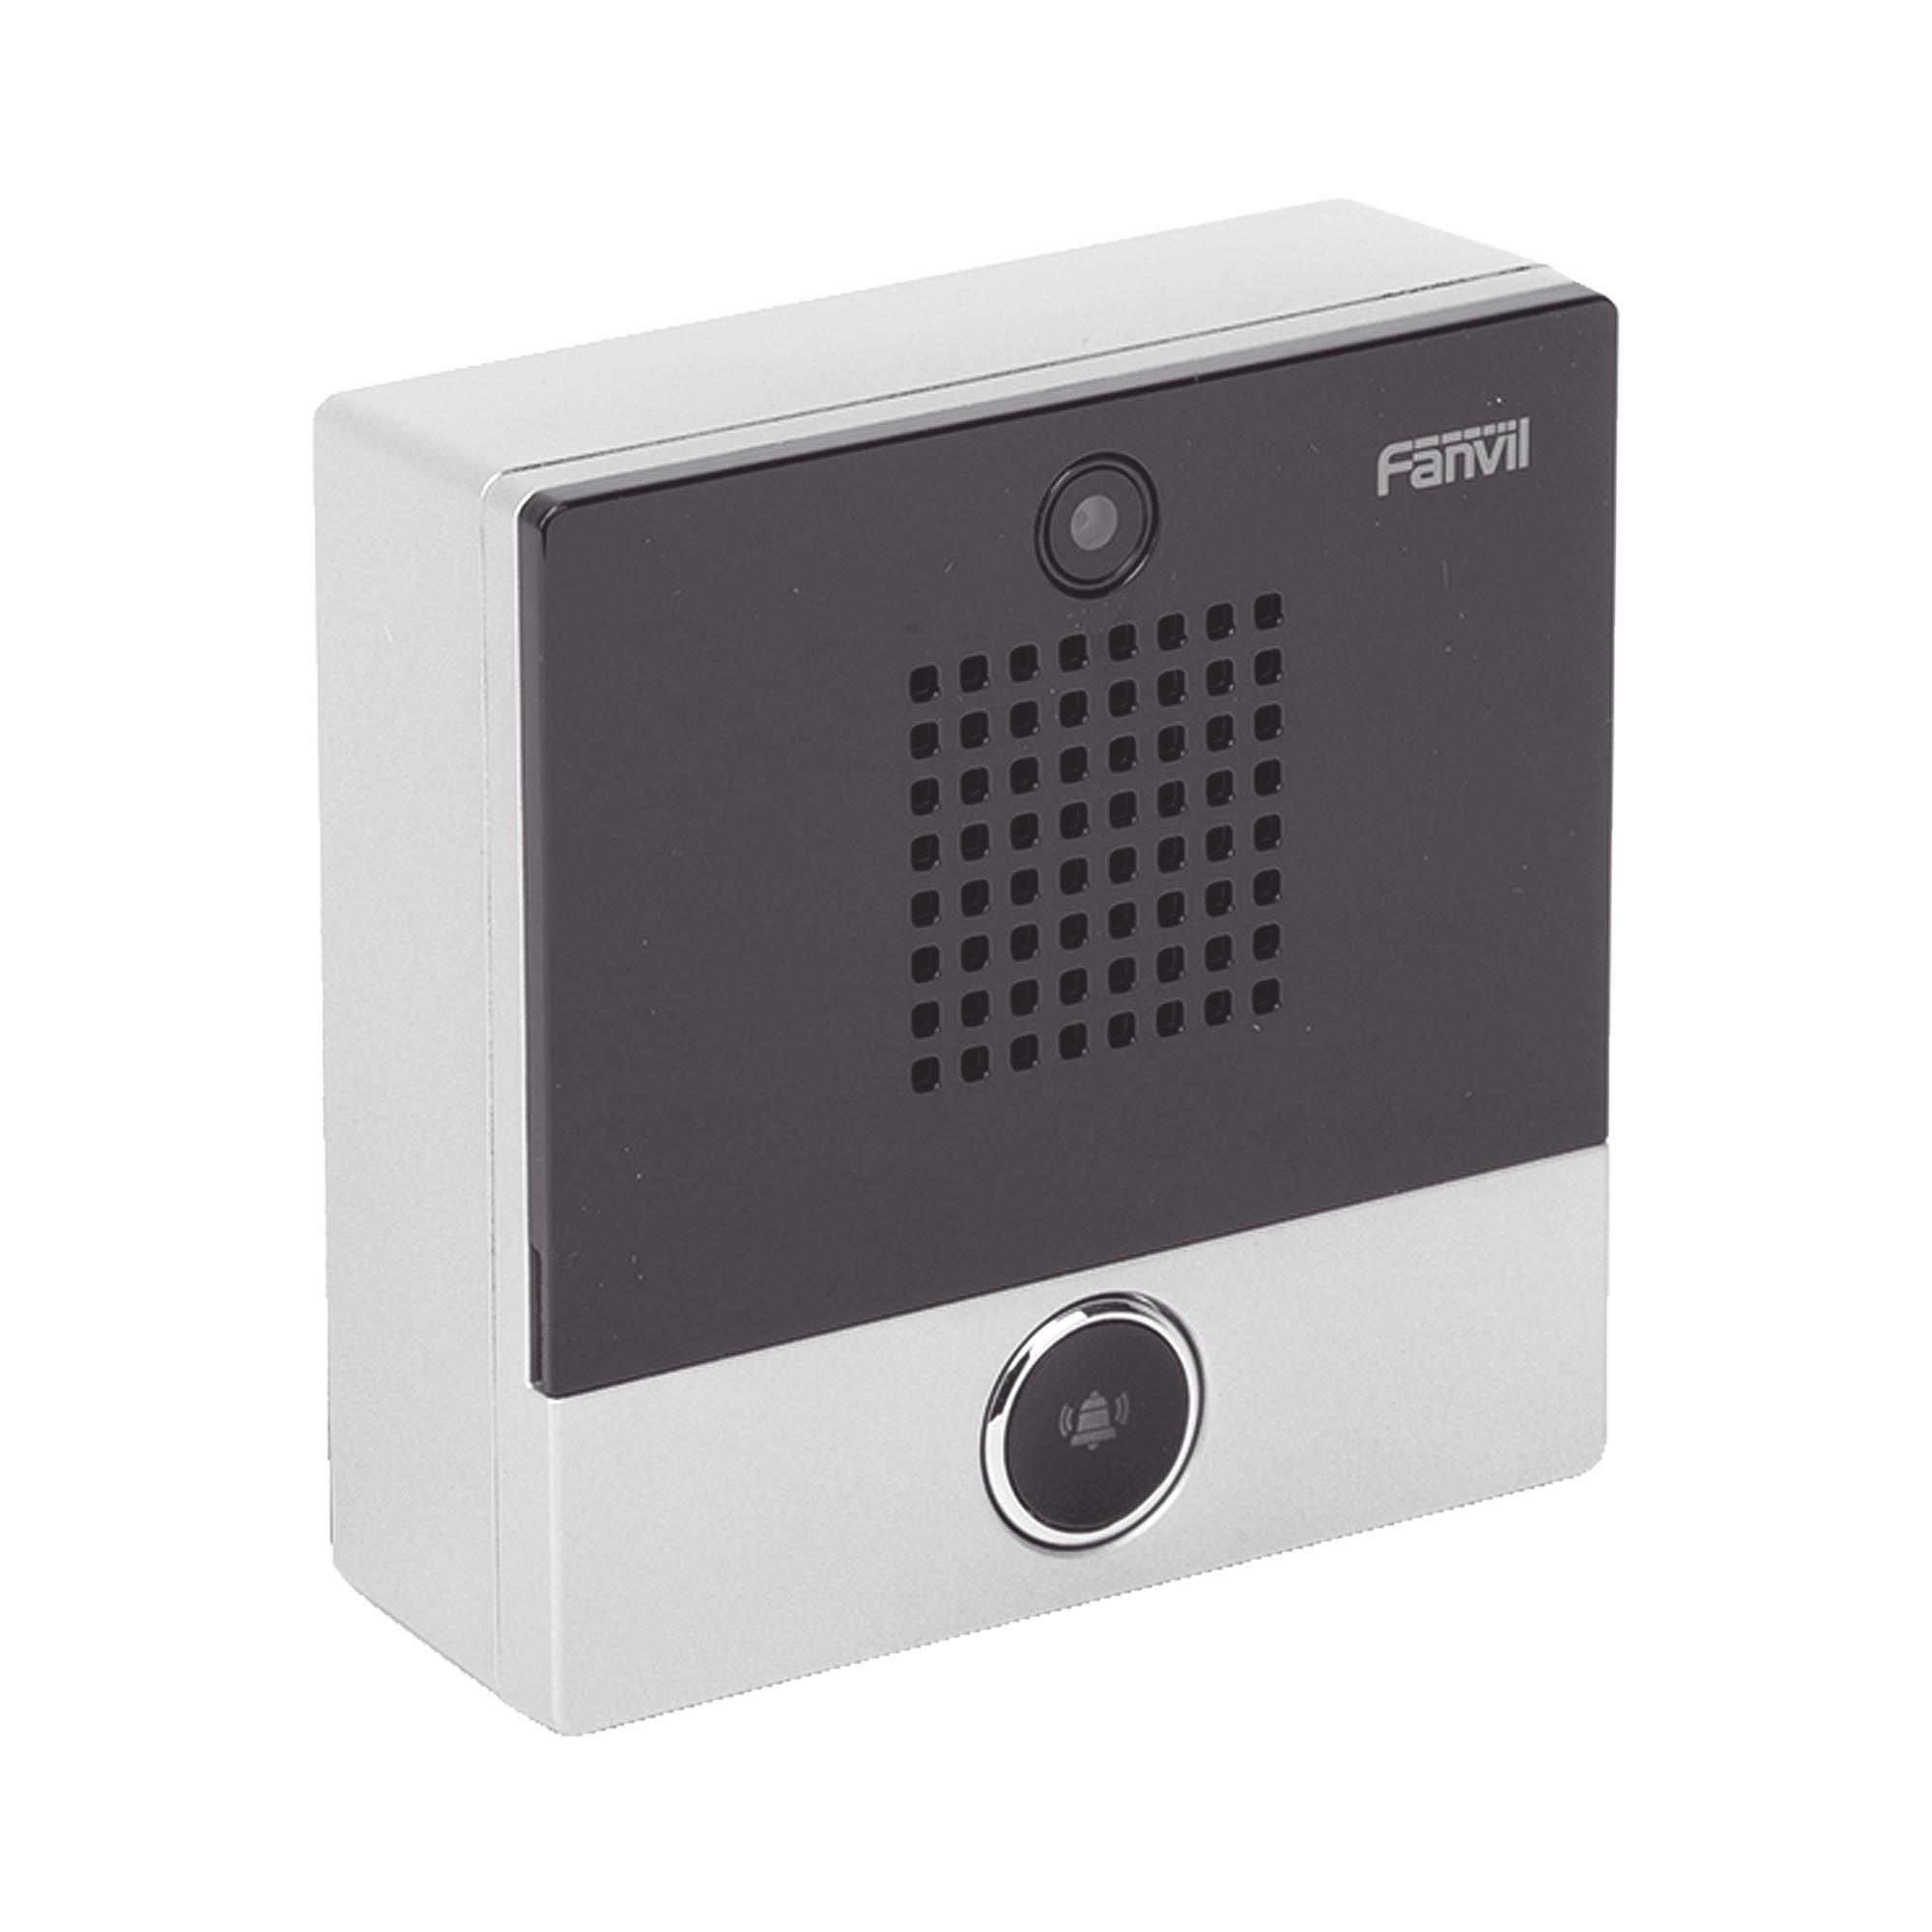 Mini video Intercomunicador para hoteleria y hospitales, con dise�o elegante, PoE, camara 1Mpx, 1 boton, 1 relevador integrado de salida y entrada.